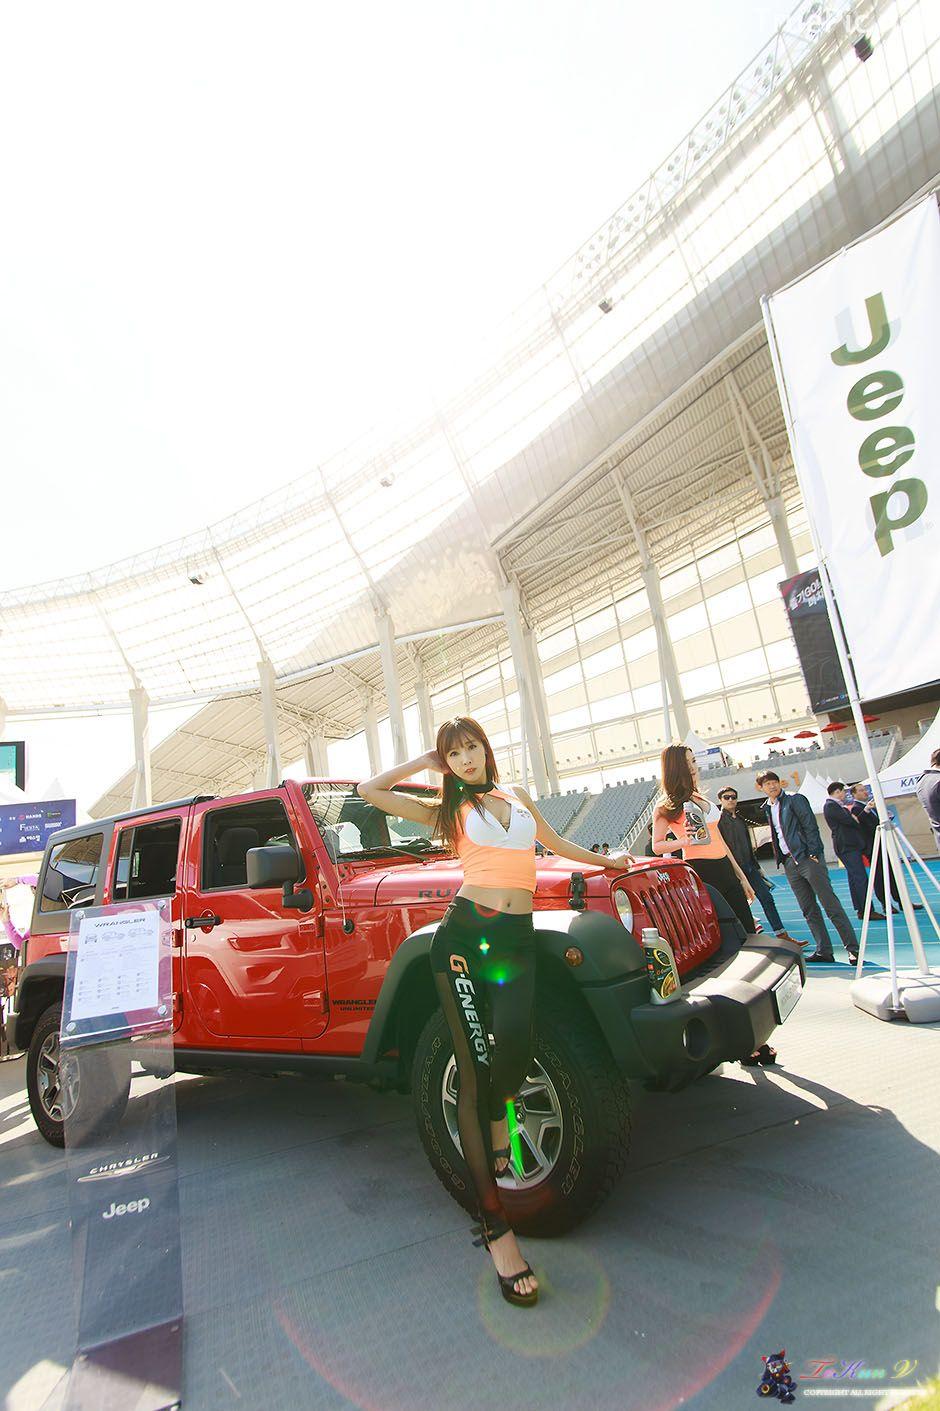 Image-Korean-Racing-Model-Lee-Yoo-Eun-Incheon-KoreaTuning-Festival-Show-TruePic.net- Picture-6